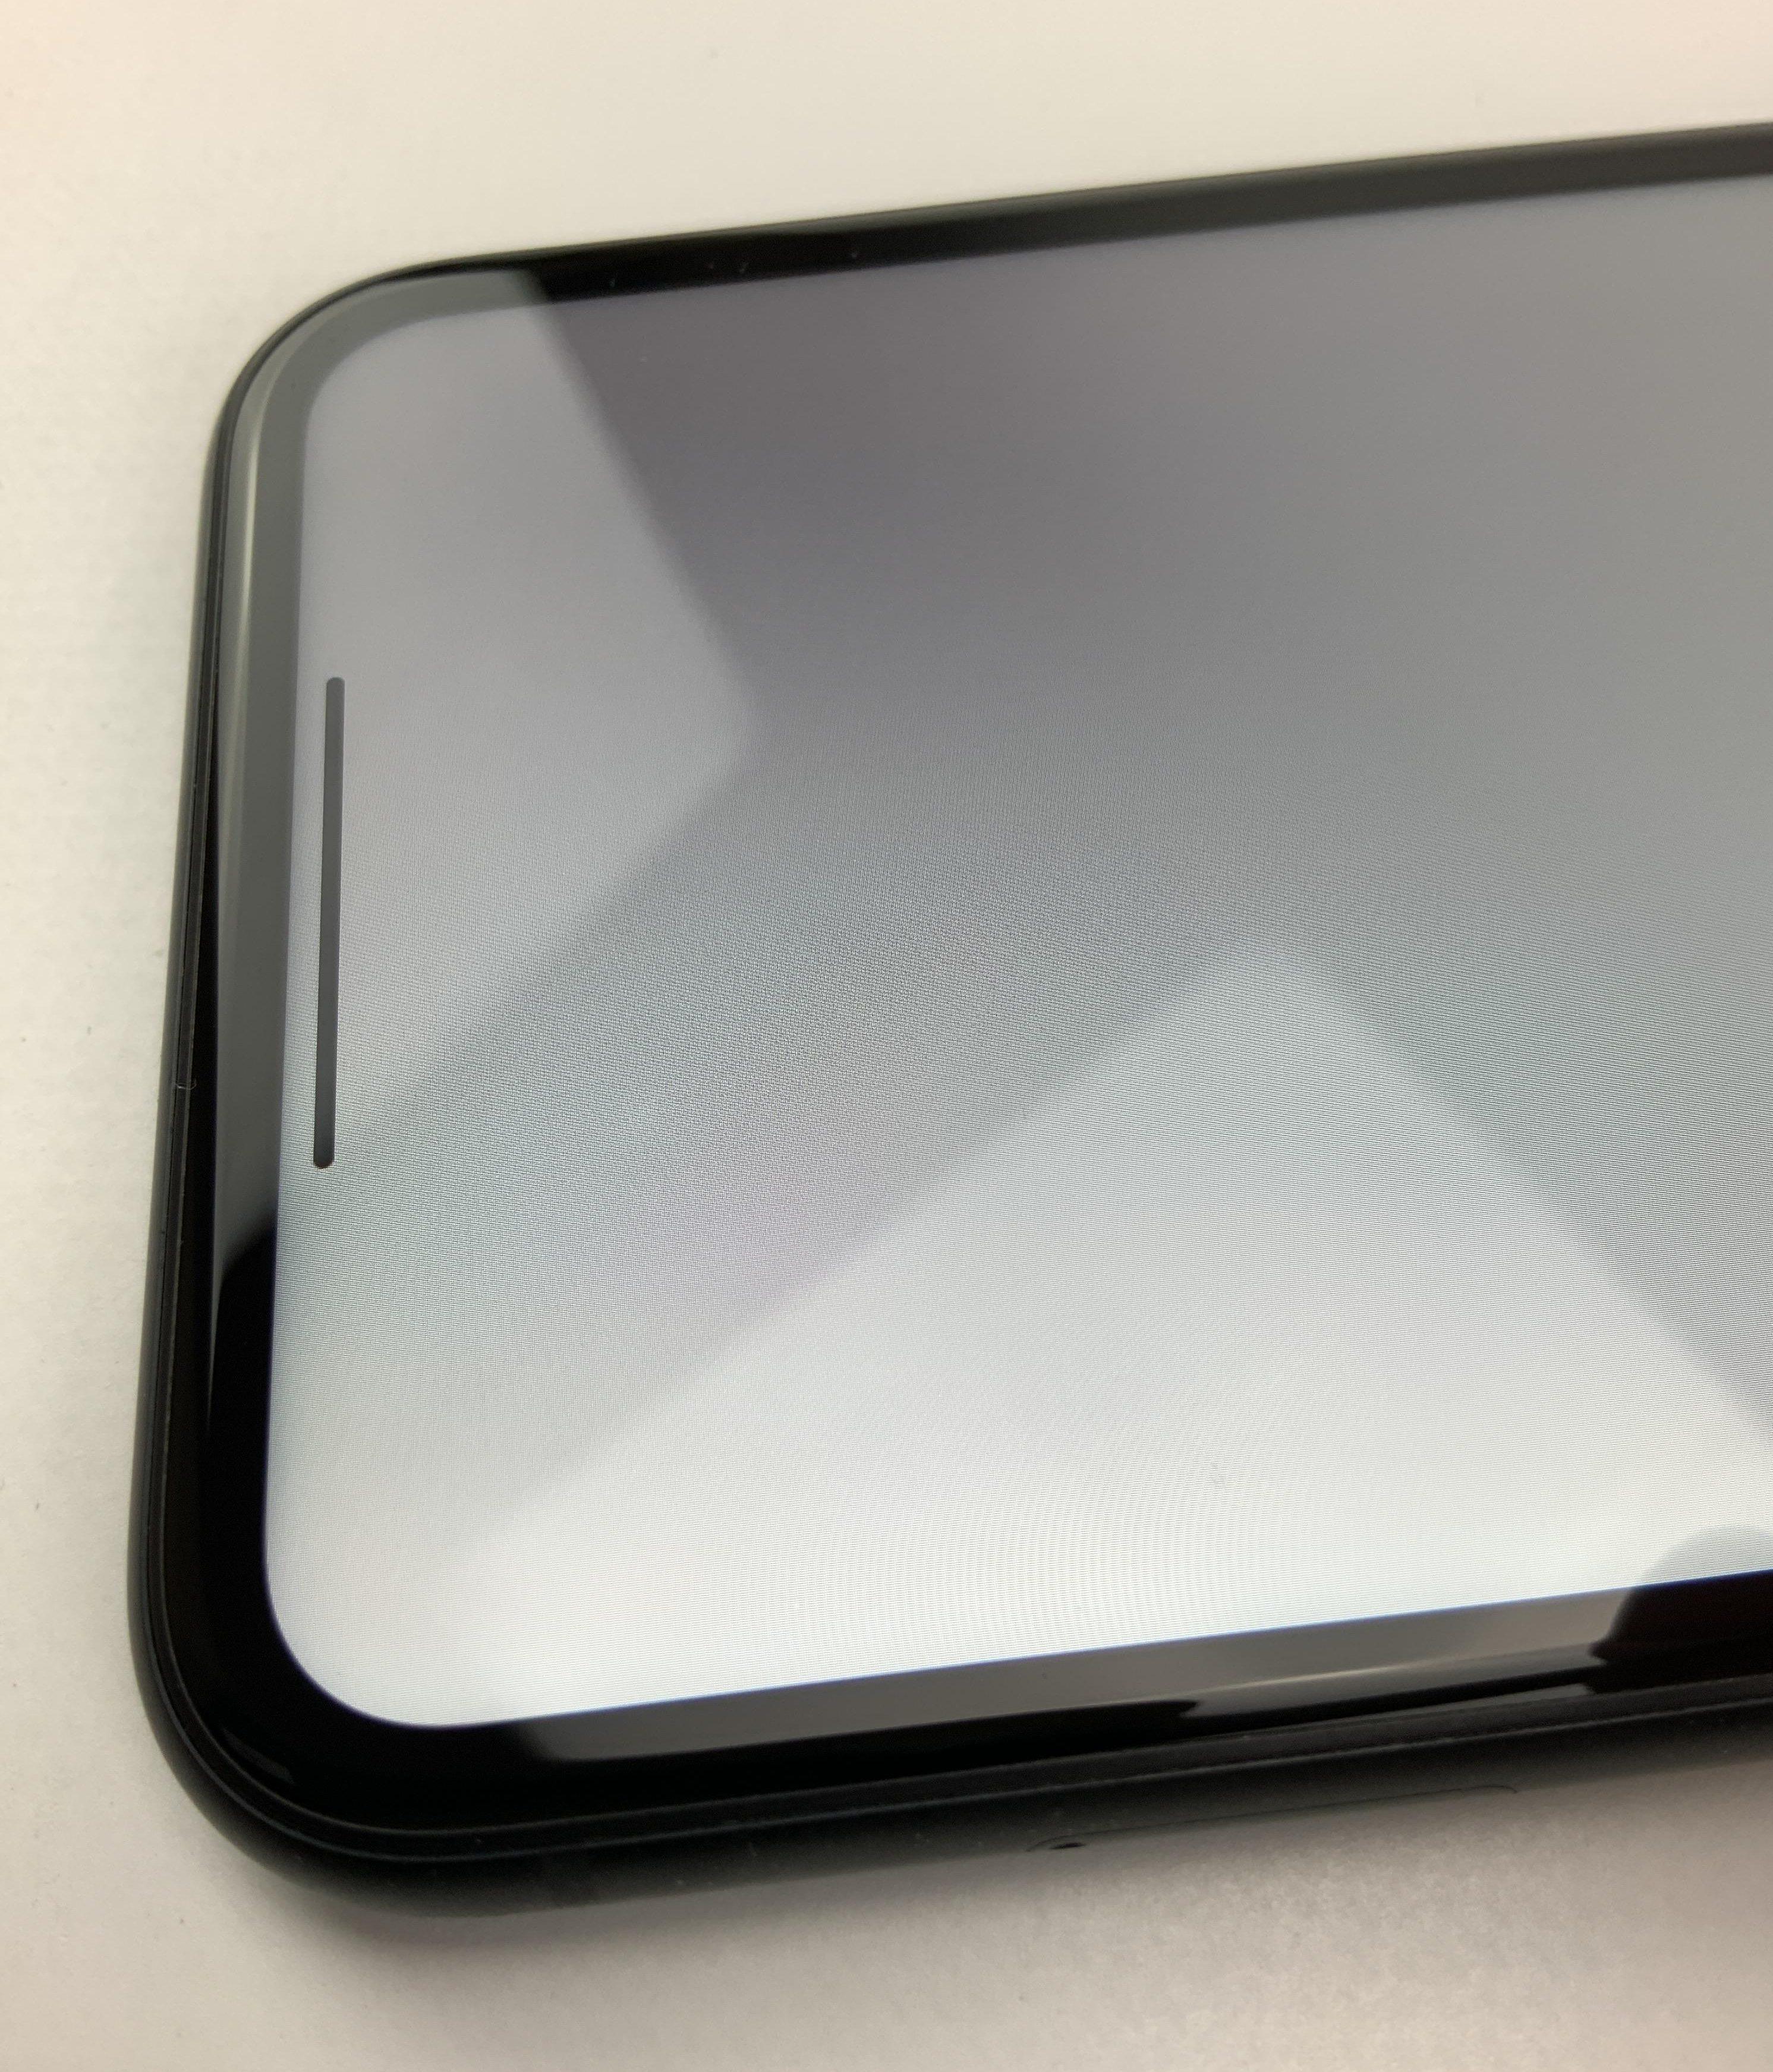 iPhone XR 128GB, 128GB, Black, obraz 4